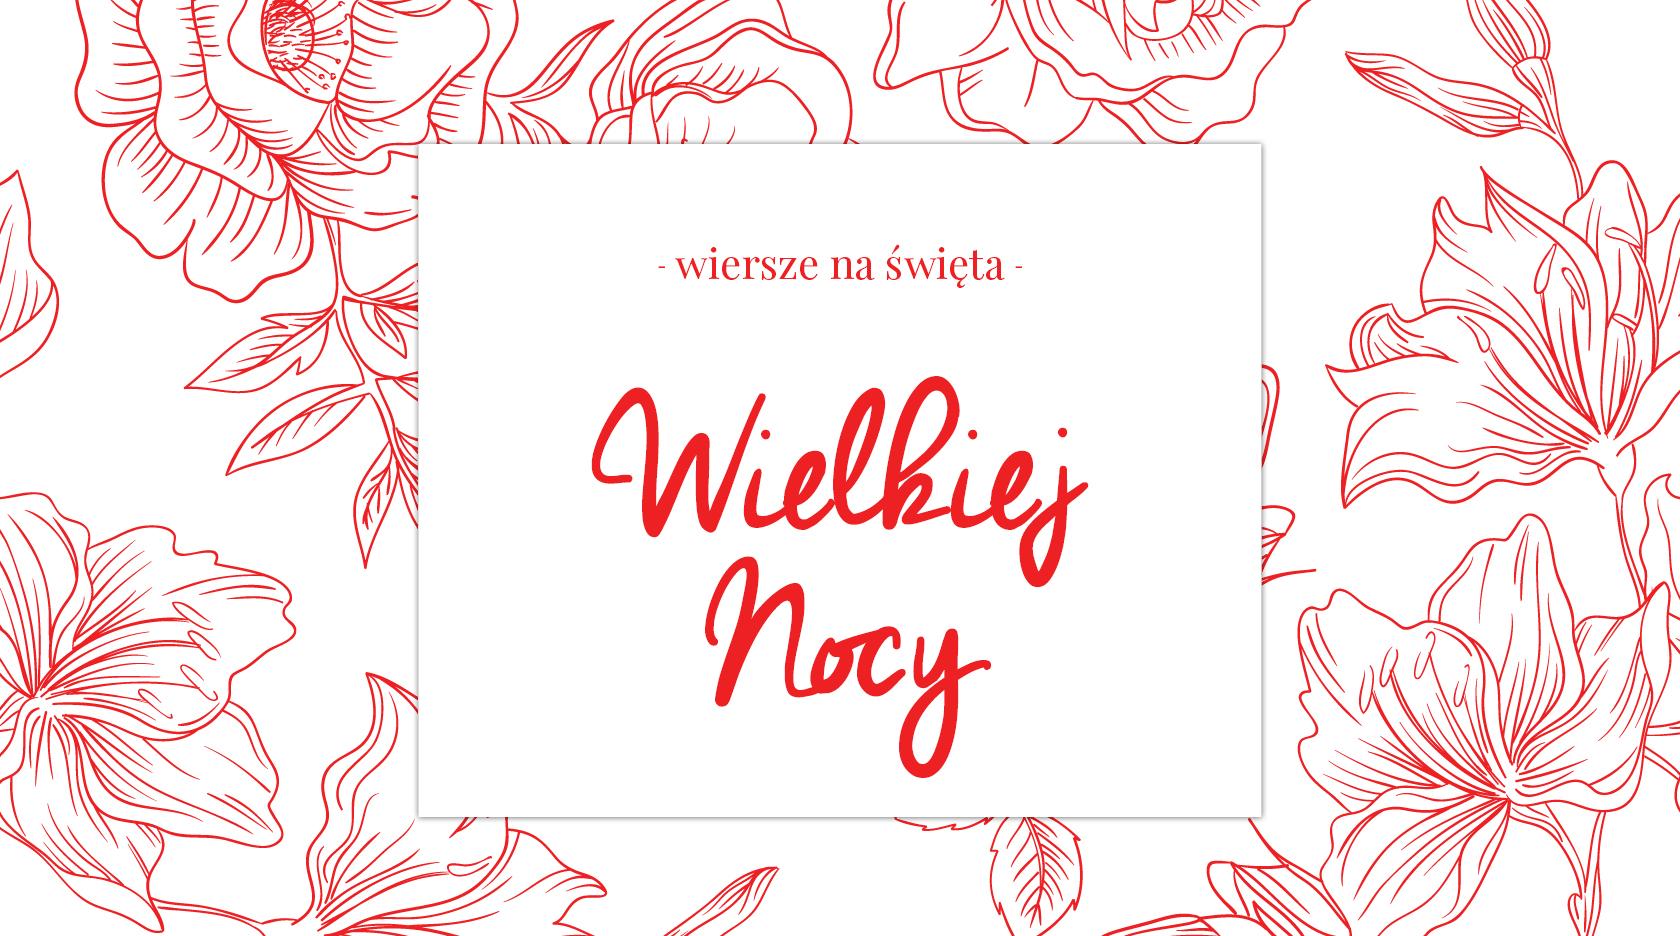 Wiersze Na święta Wielkiej Nocy 2017 Biuro Literackie